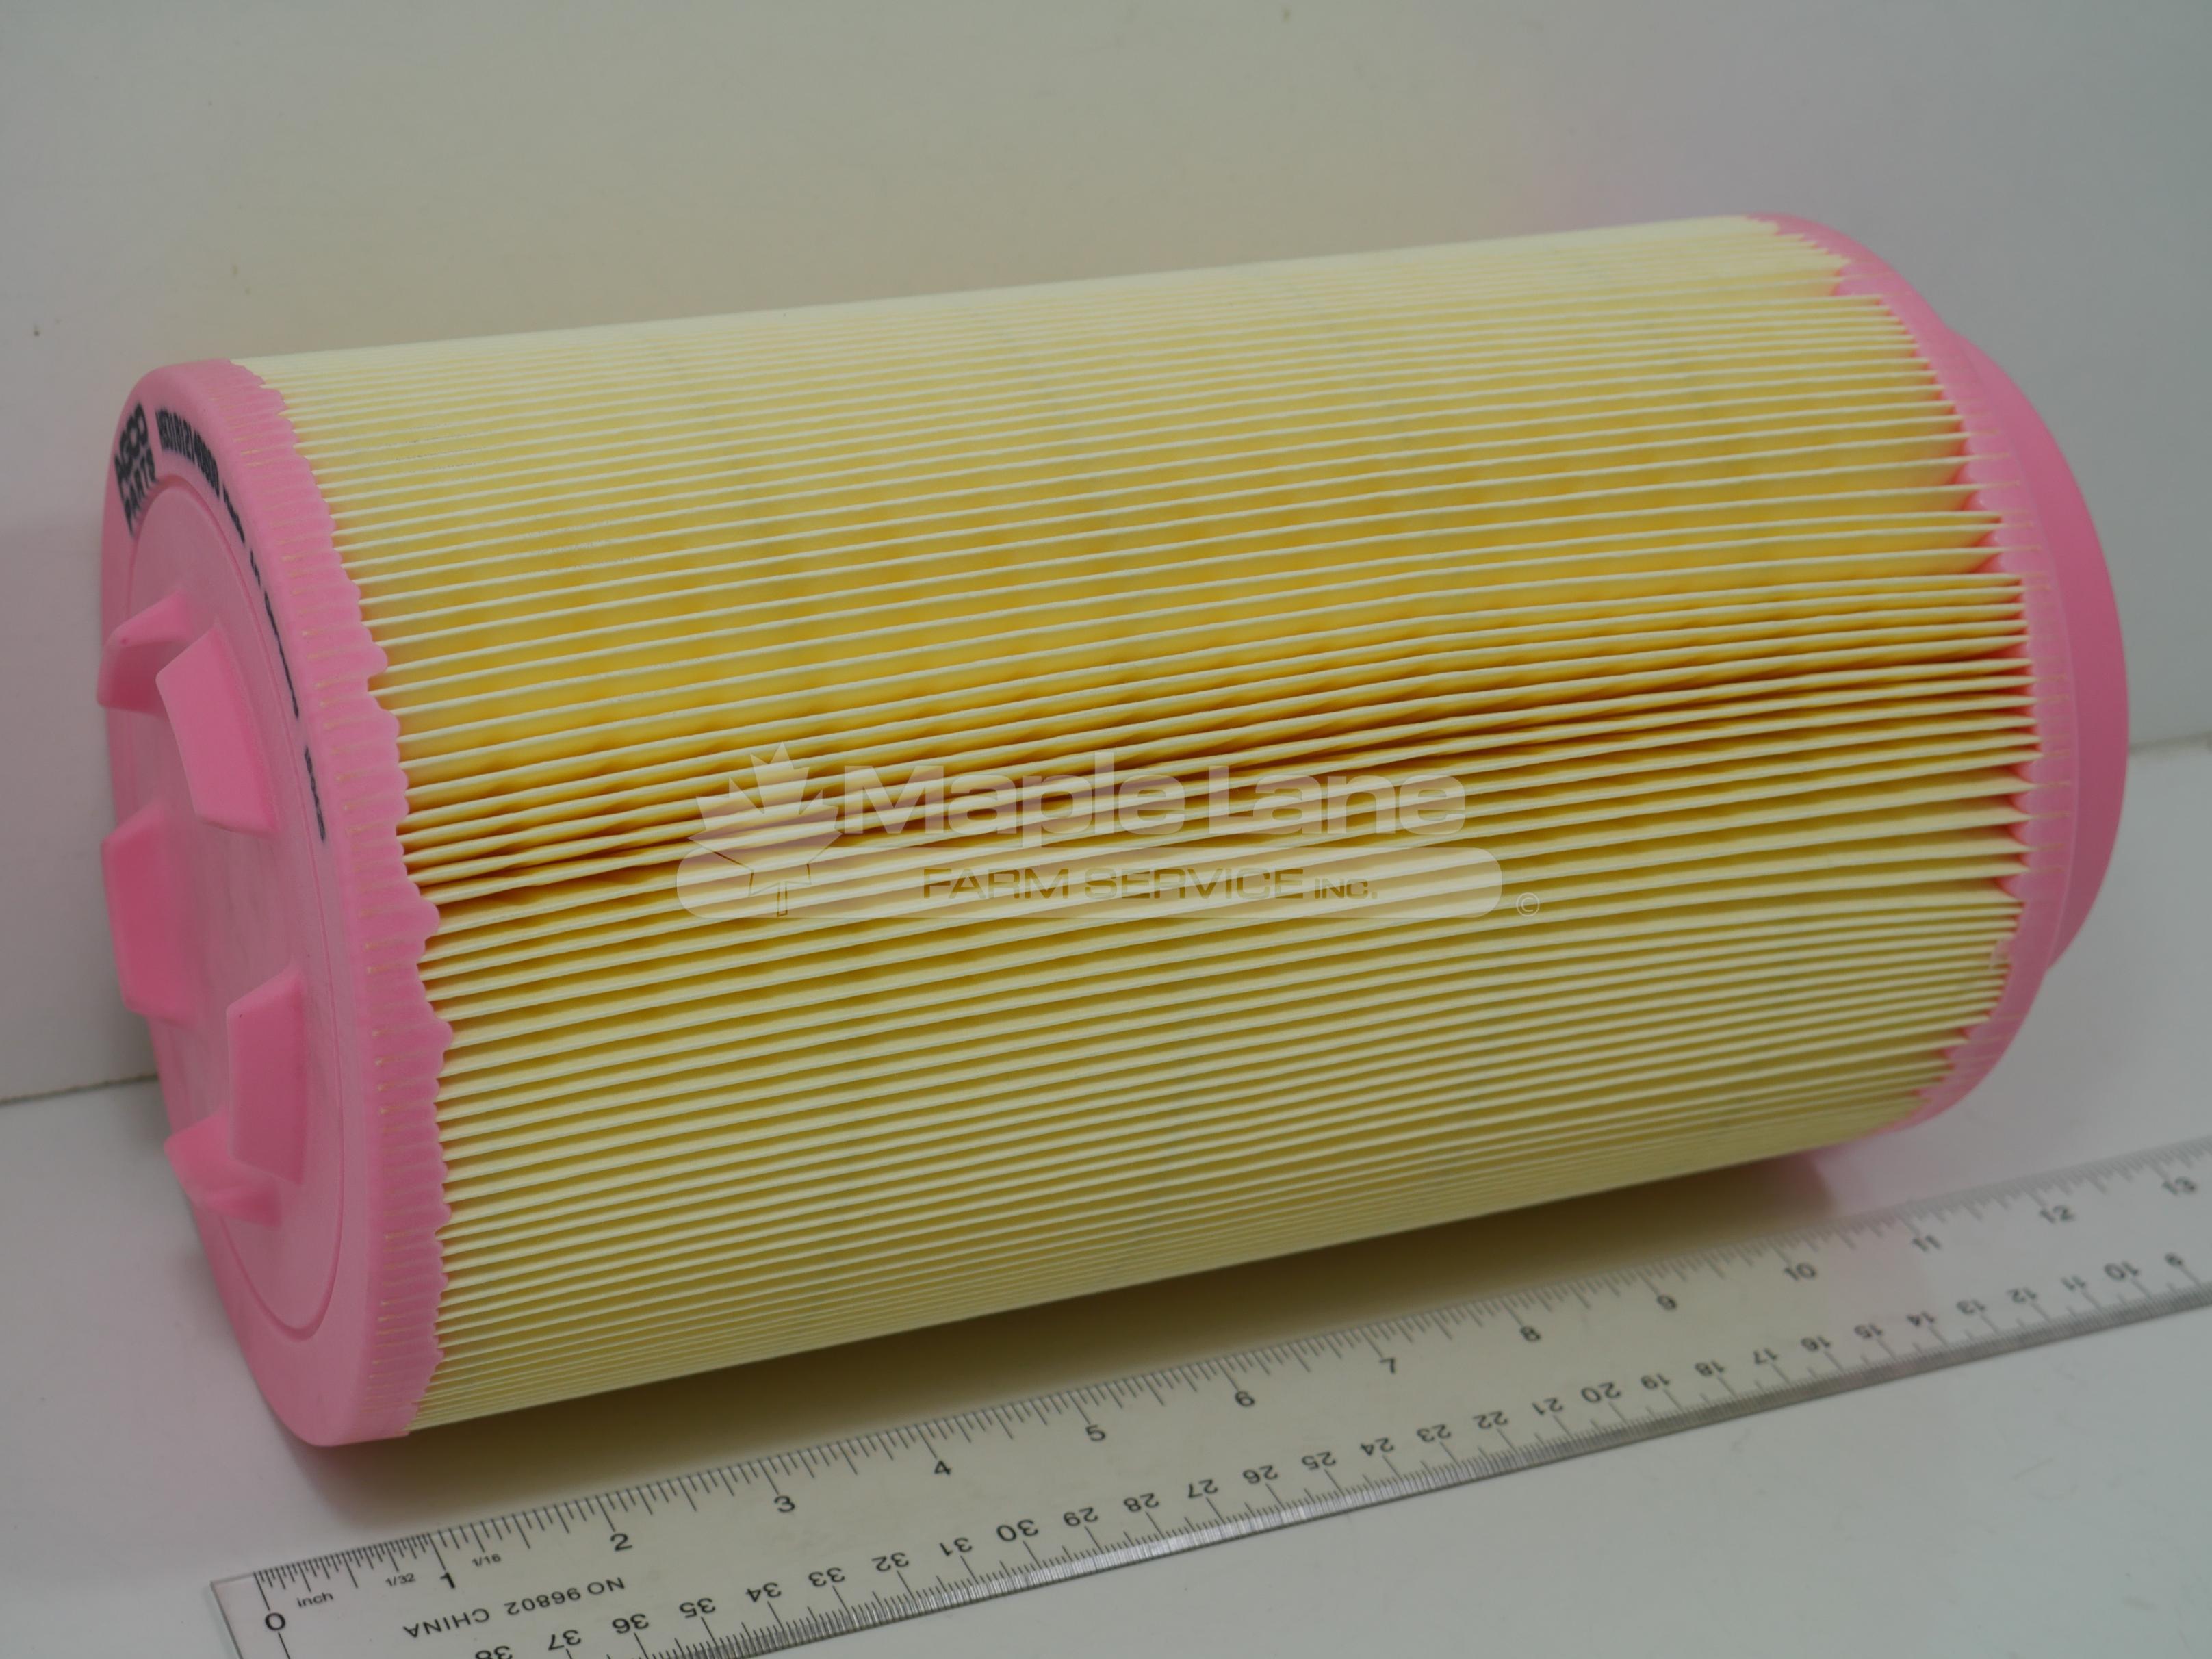 72438336 filter